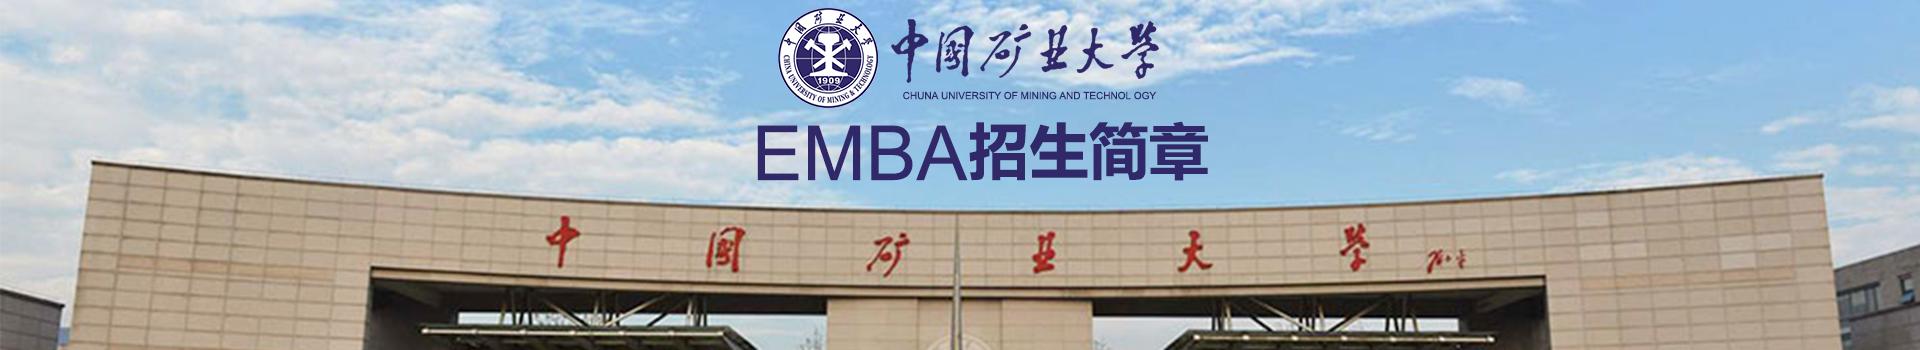 中国矿业大学管理学院高级工商管理硕士EMBA招生简章